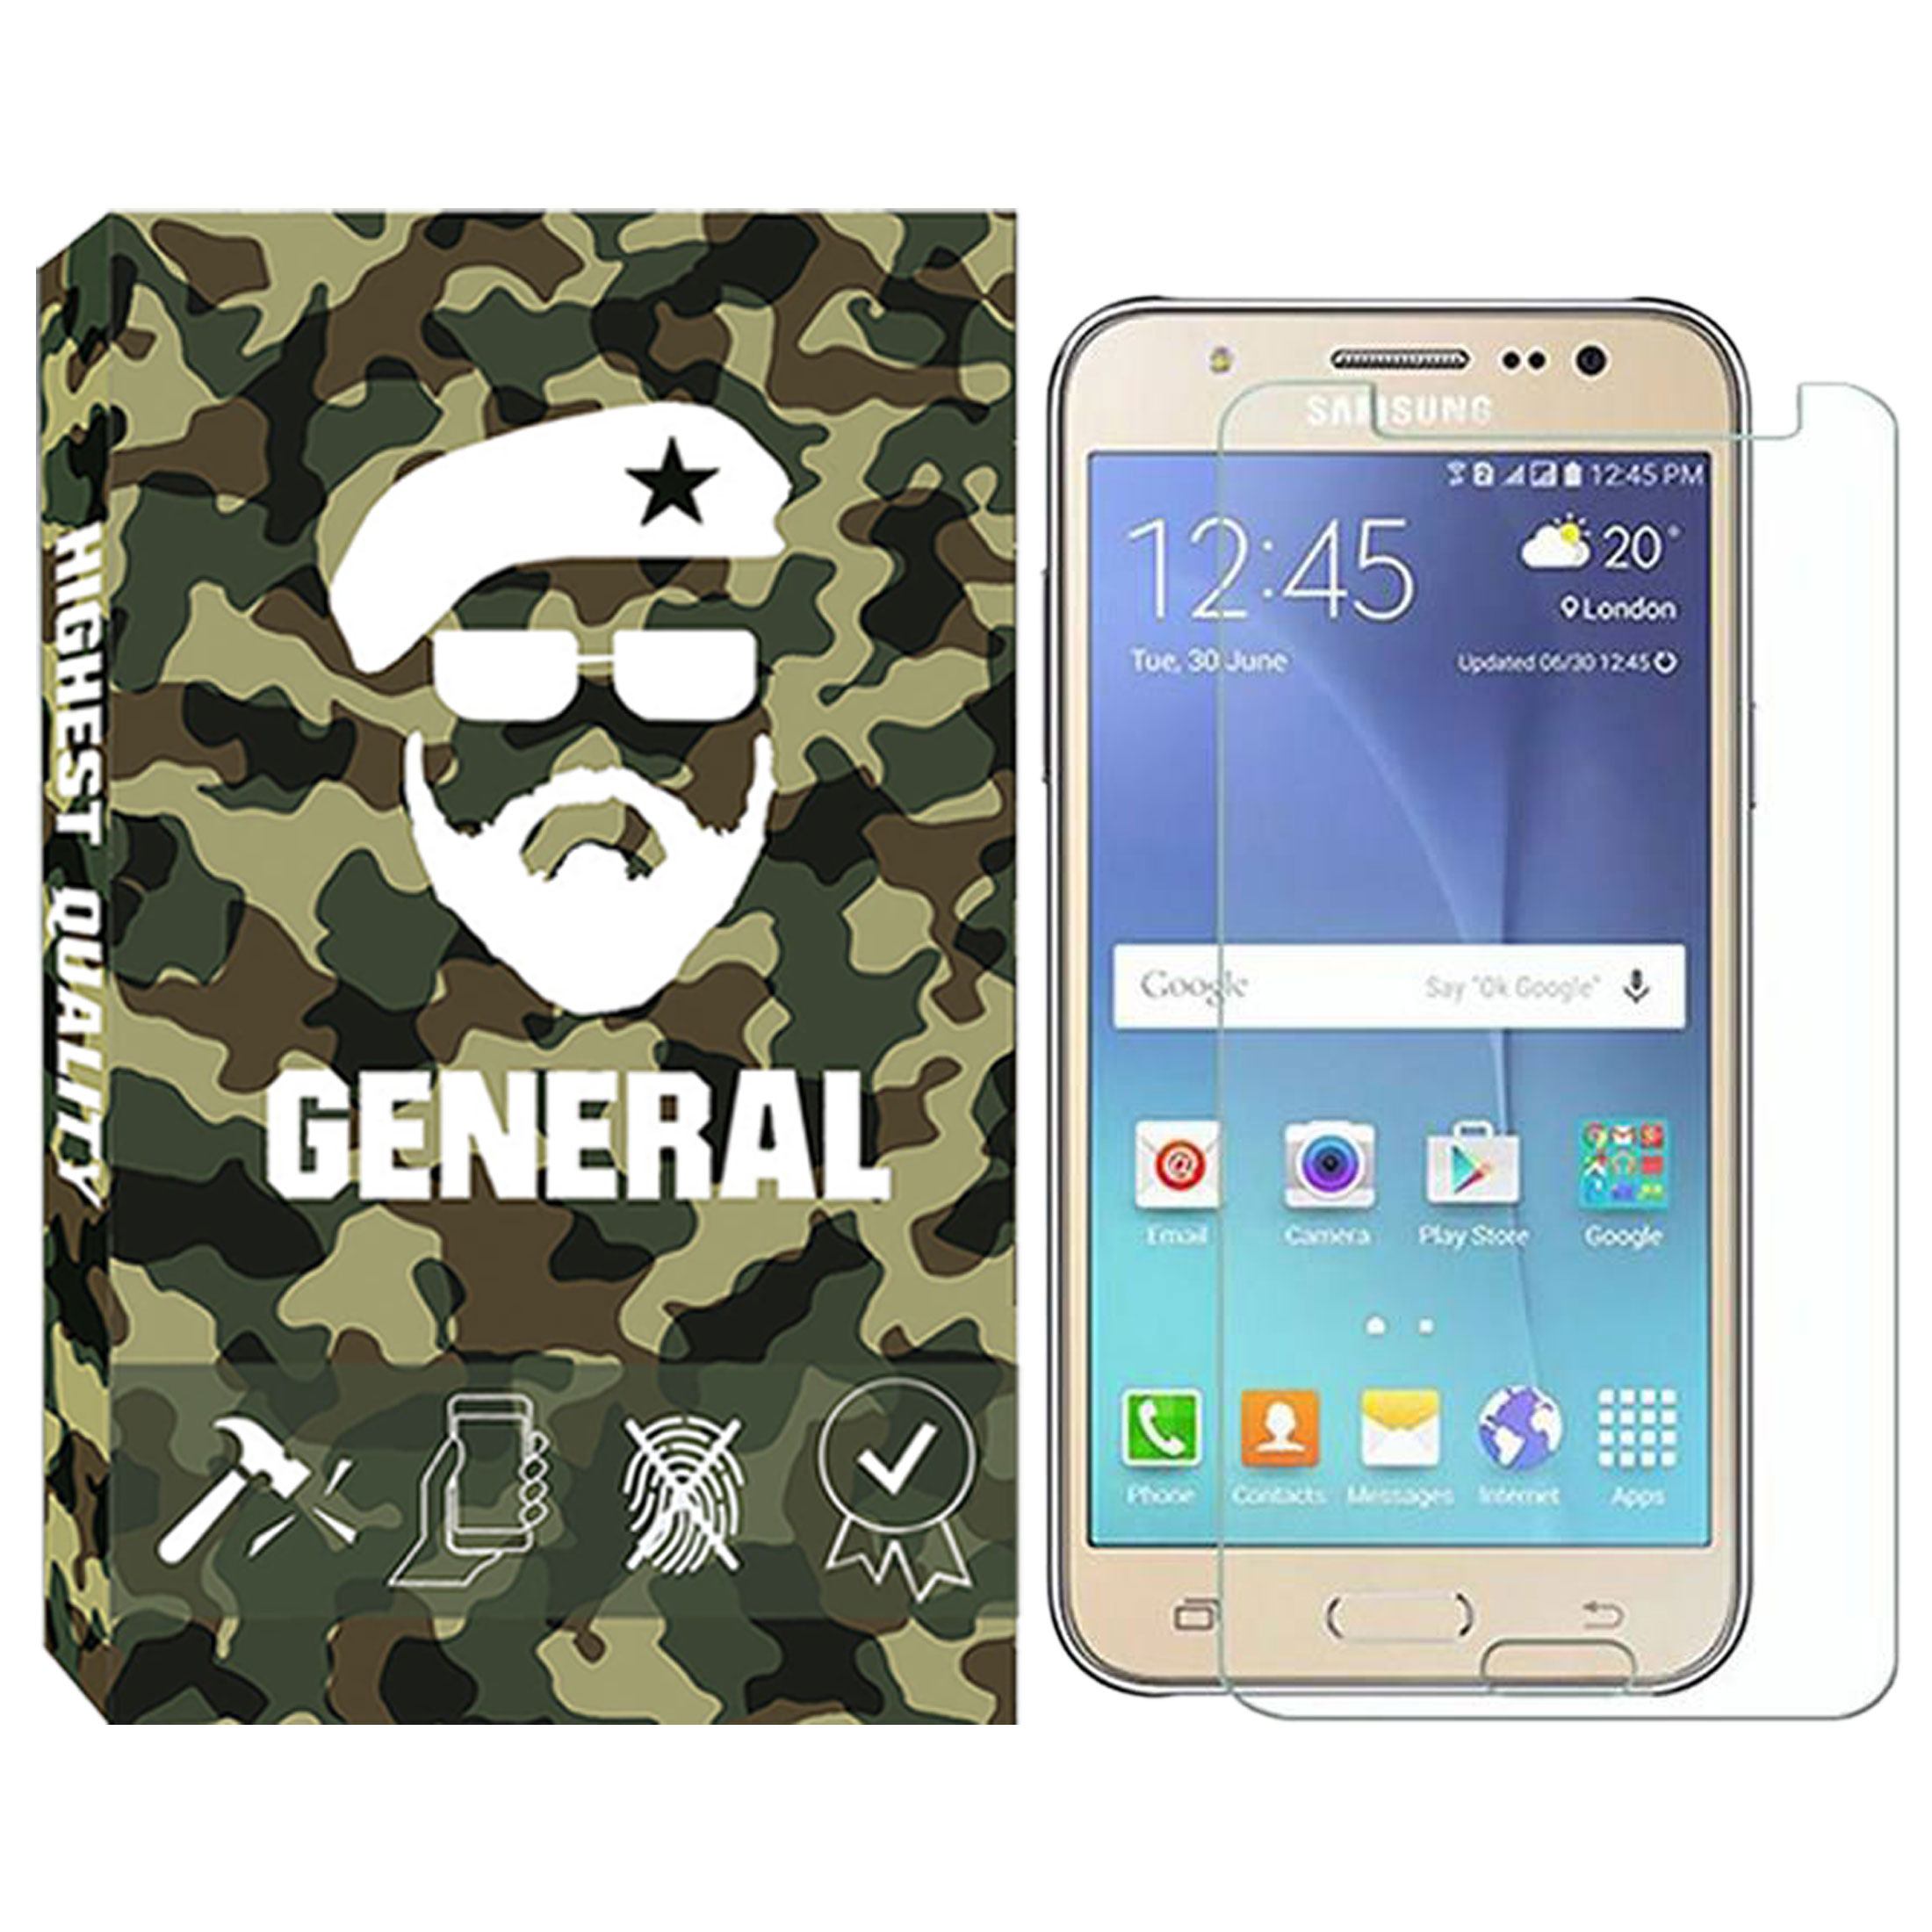 خرید اینترنتی [با تخفیف] محافظ صفحه نمایش ژنرال مدل GN-01 مناسب برای گوشی موبایل سامسونگ Galaxy J5 2015 اورجینال